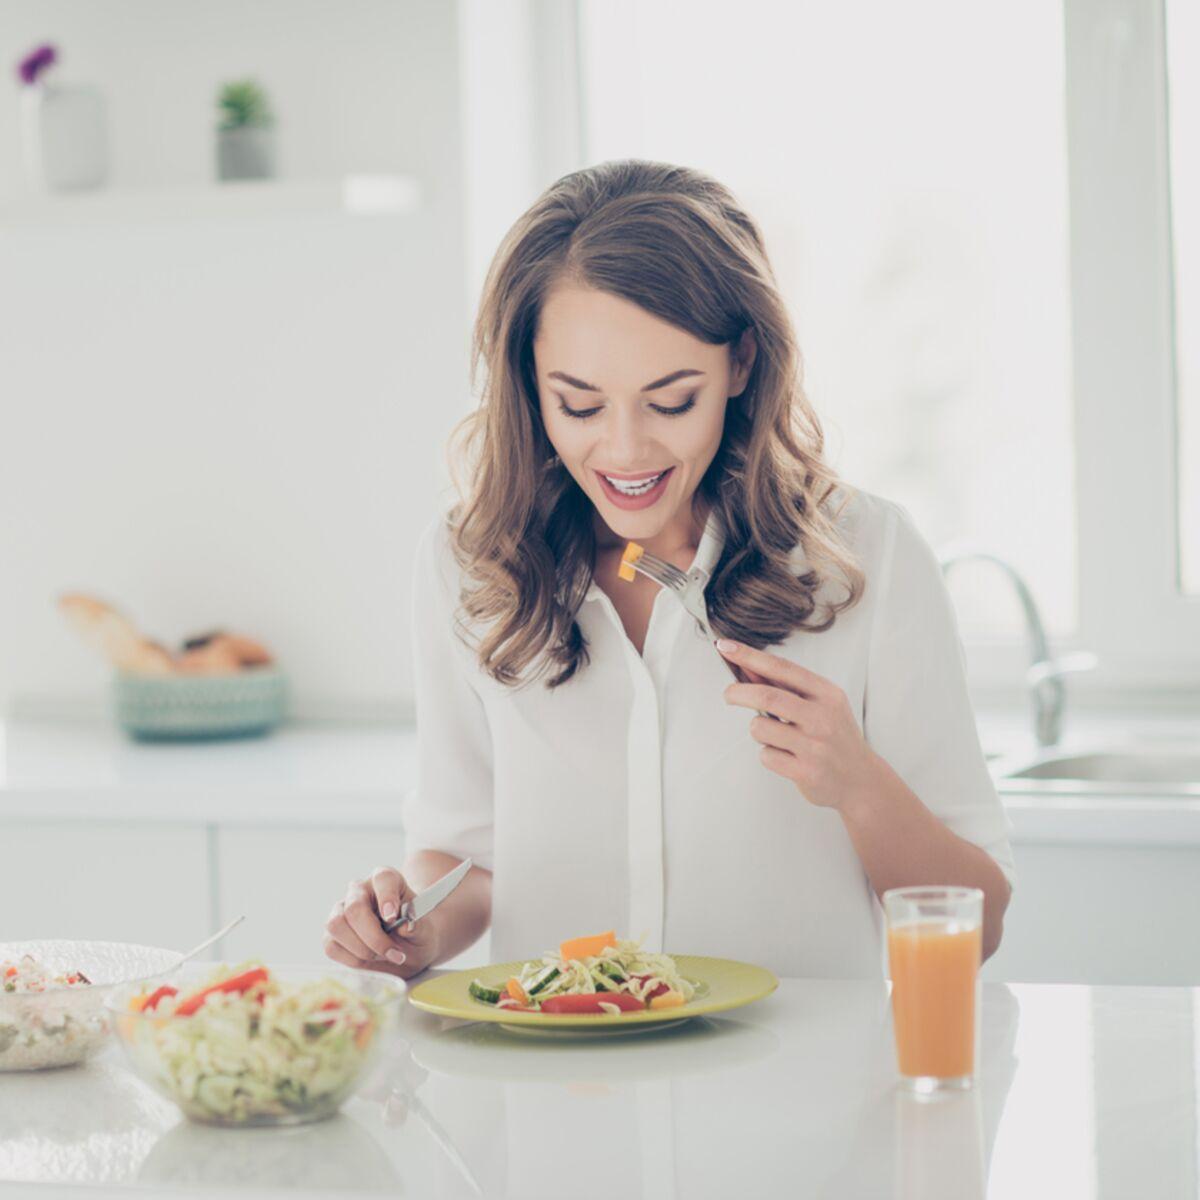 Idée Repas Pour Deux Amoureux Étudiant, célibataire… : comment cuisiner pour une personne